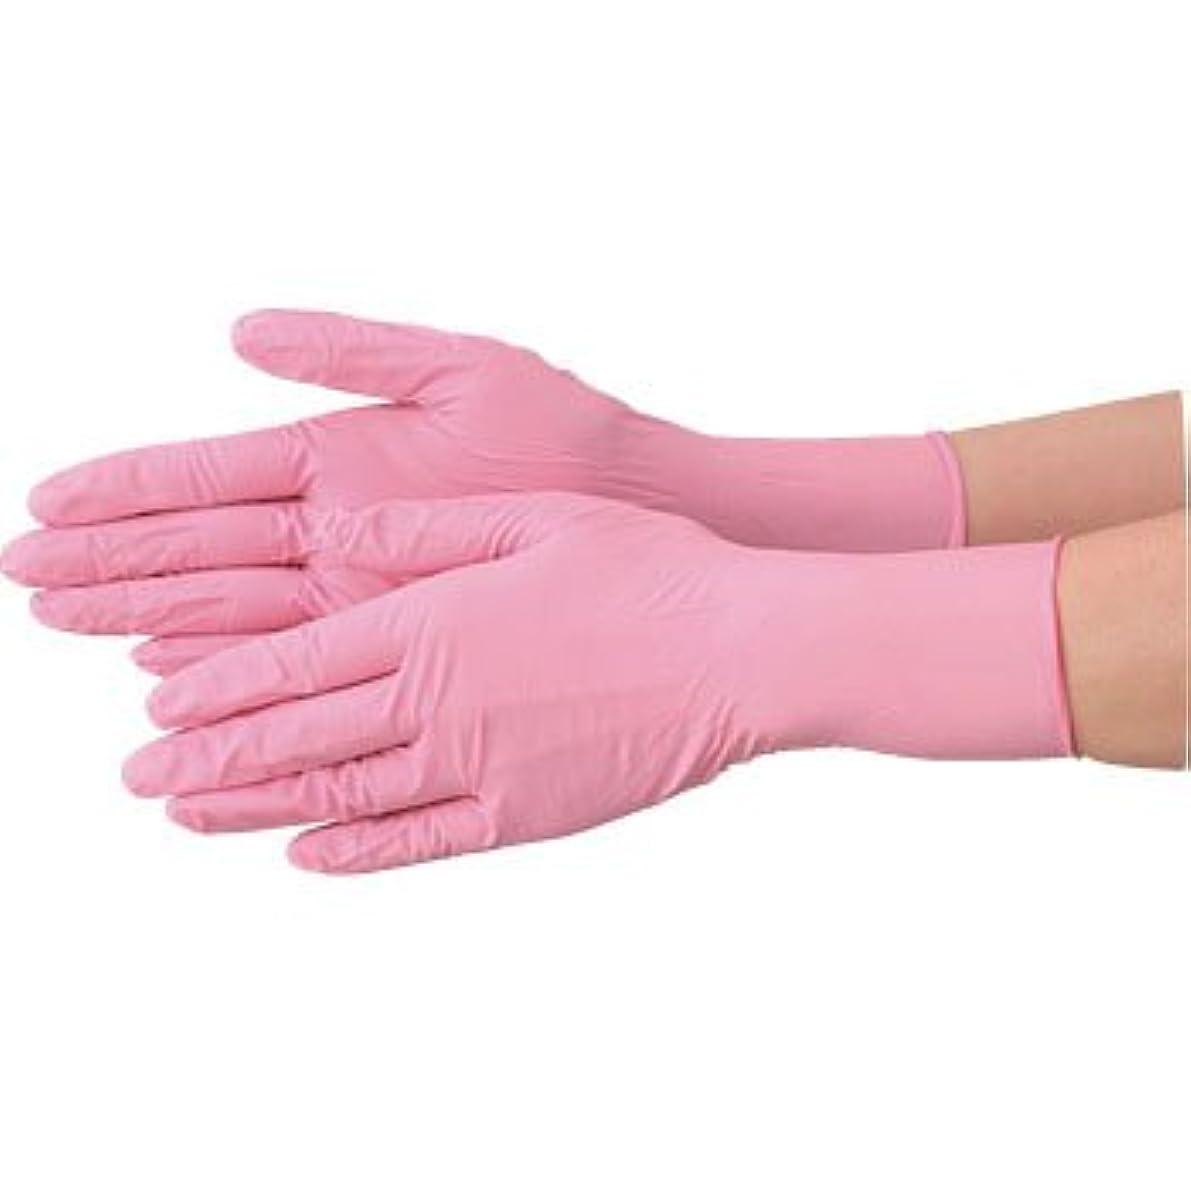 セージ幸運なことに華氏使い捨て 手袋 エブノ 570 ニトリル ピンク Sサイズ パウダーフリー 2ケース(100枚×60箱)